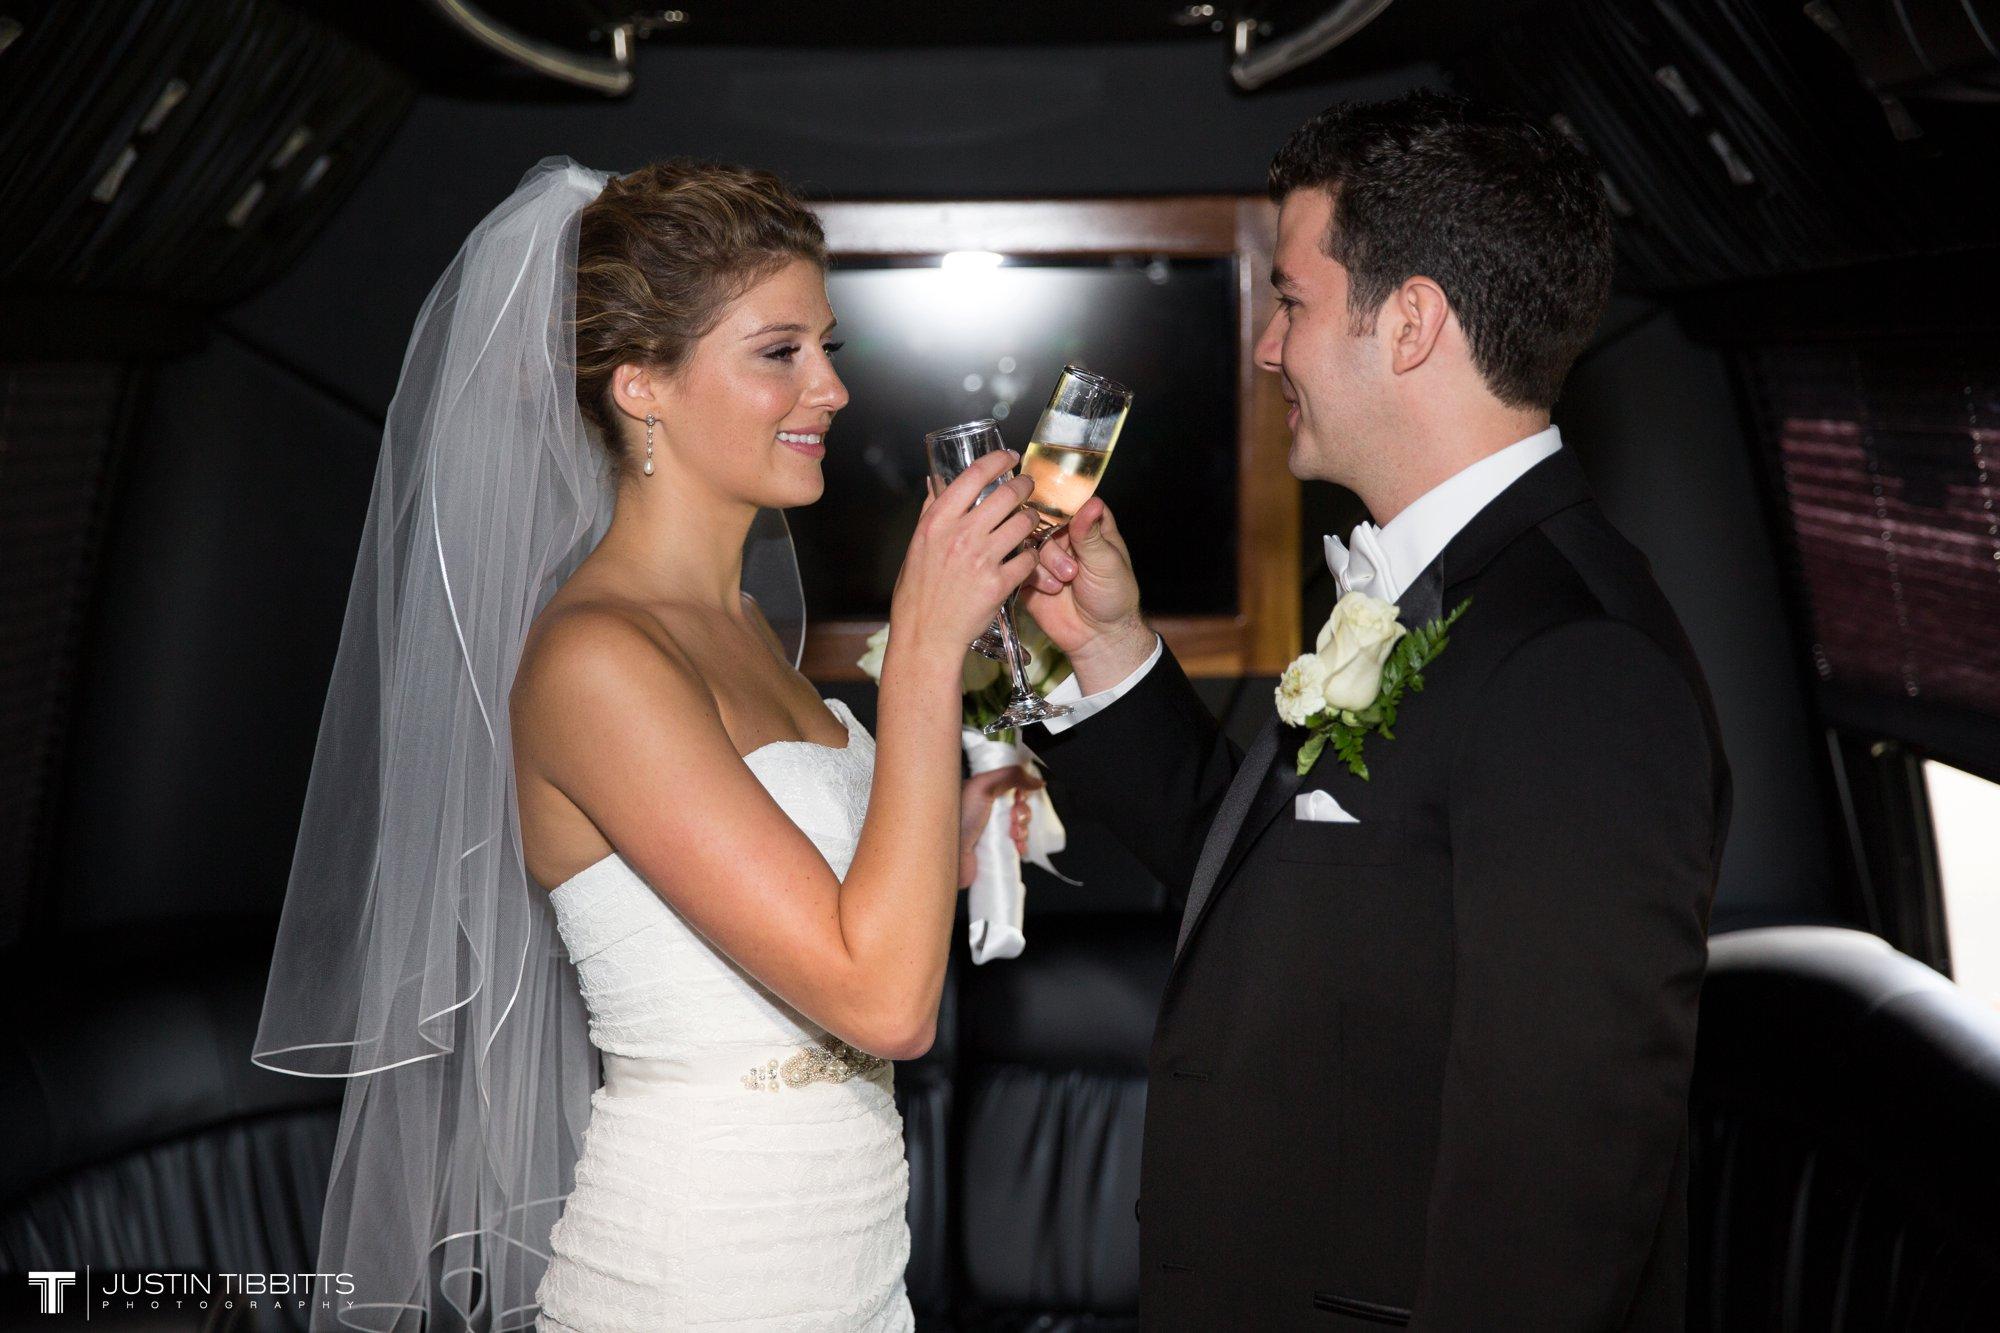 Albany NY Wedding Photographer Justin Tibbitts Photography 2014 Best of Albany NY Weddings-2439013